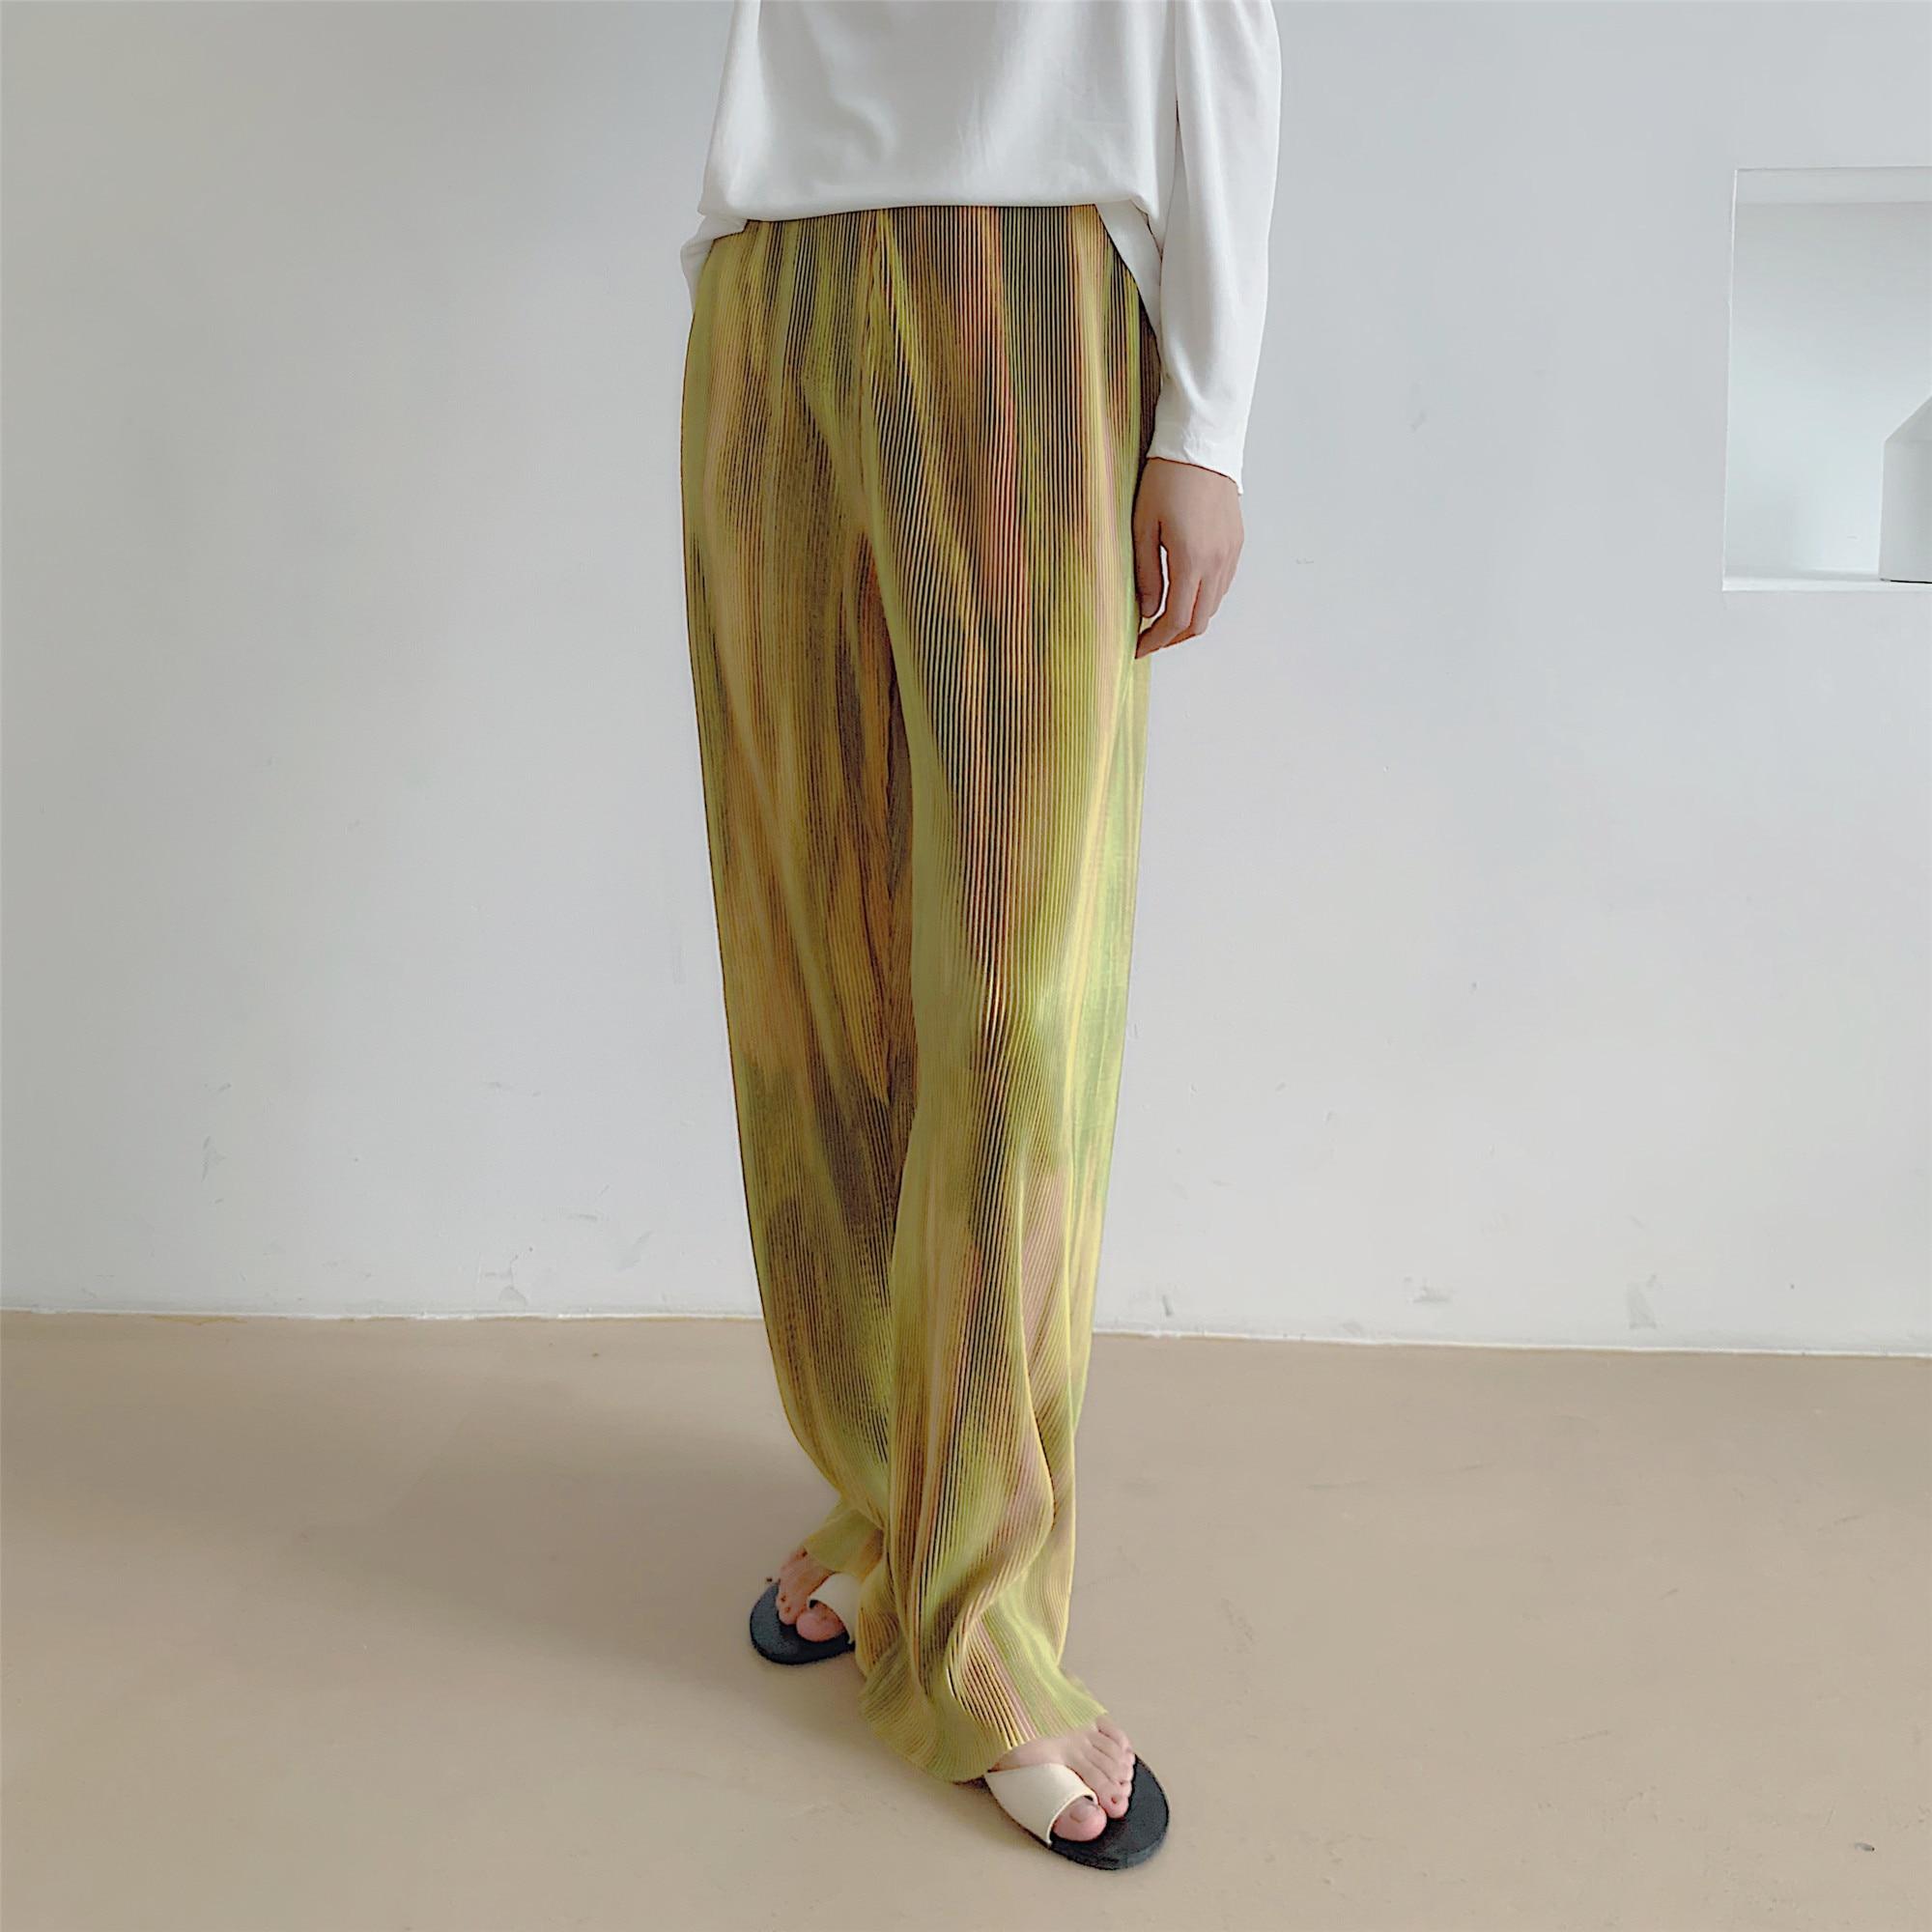 HziriP-pantalon droit à jambes larges pour femmes, pantalon de taille haute élastique, ample, nouvelle tendance, automne, 2020